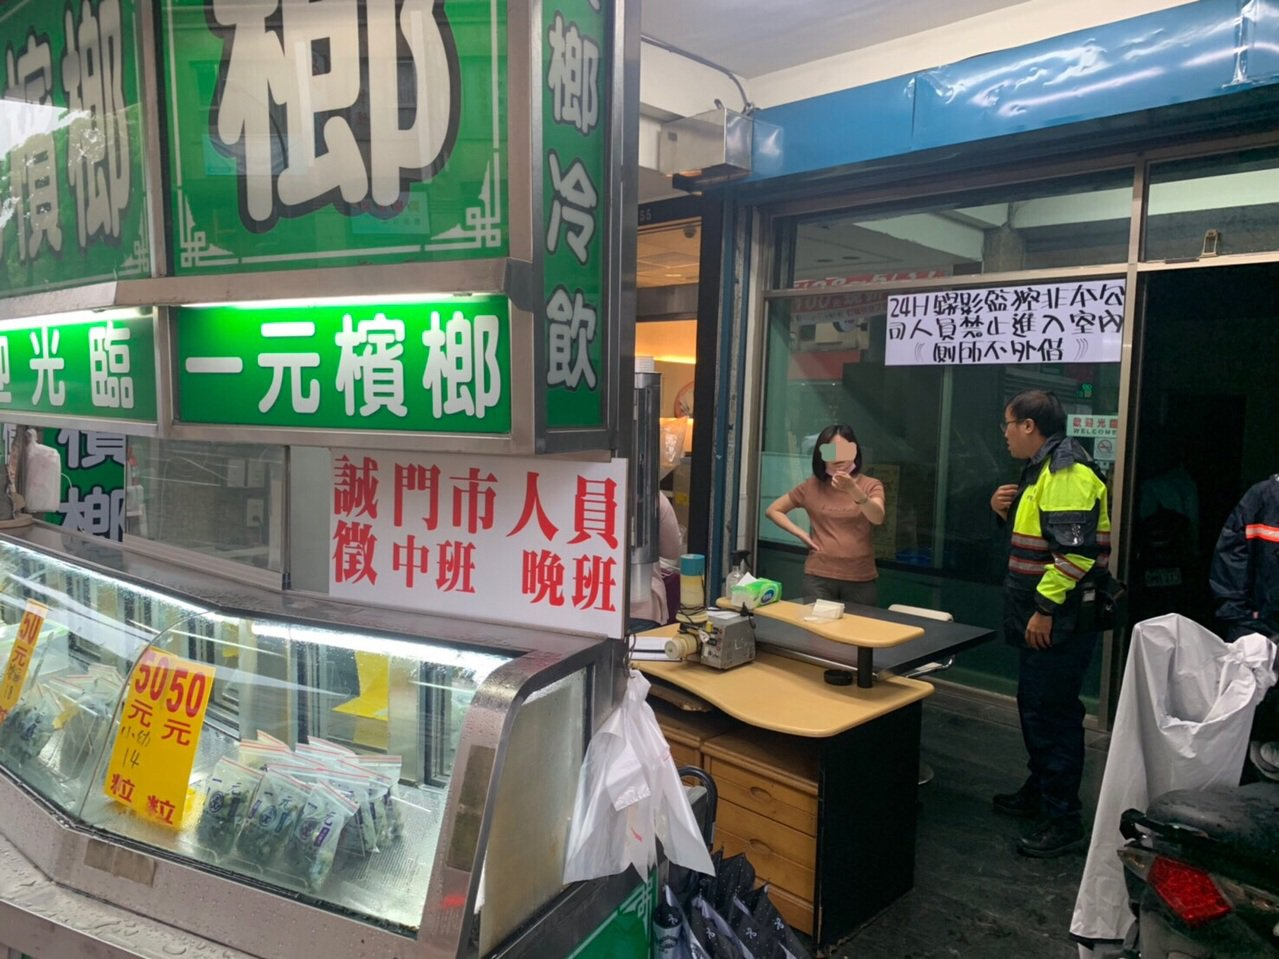 高雄市今天清晨仍下著雨,三民區1家檳榔攤卻遭穿雨衣的菜刀盜搶劫。記者林保光/翻攝